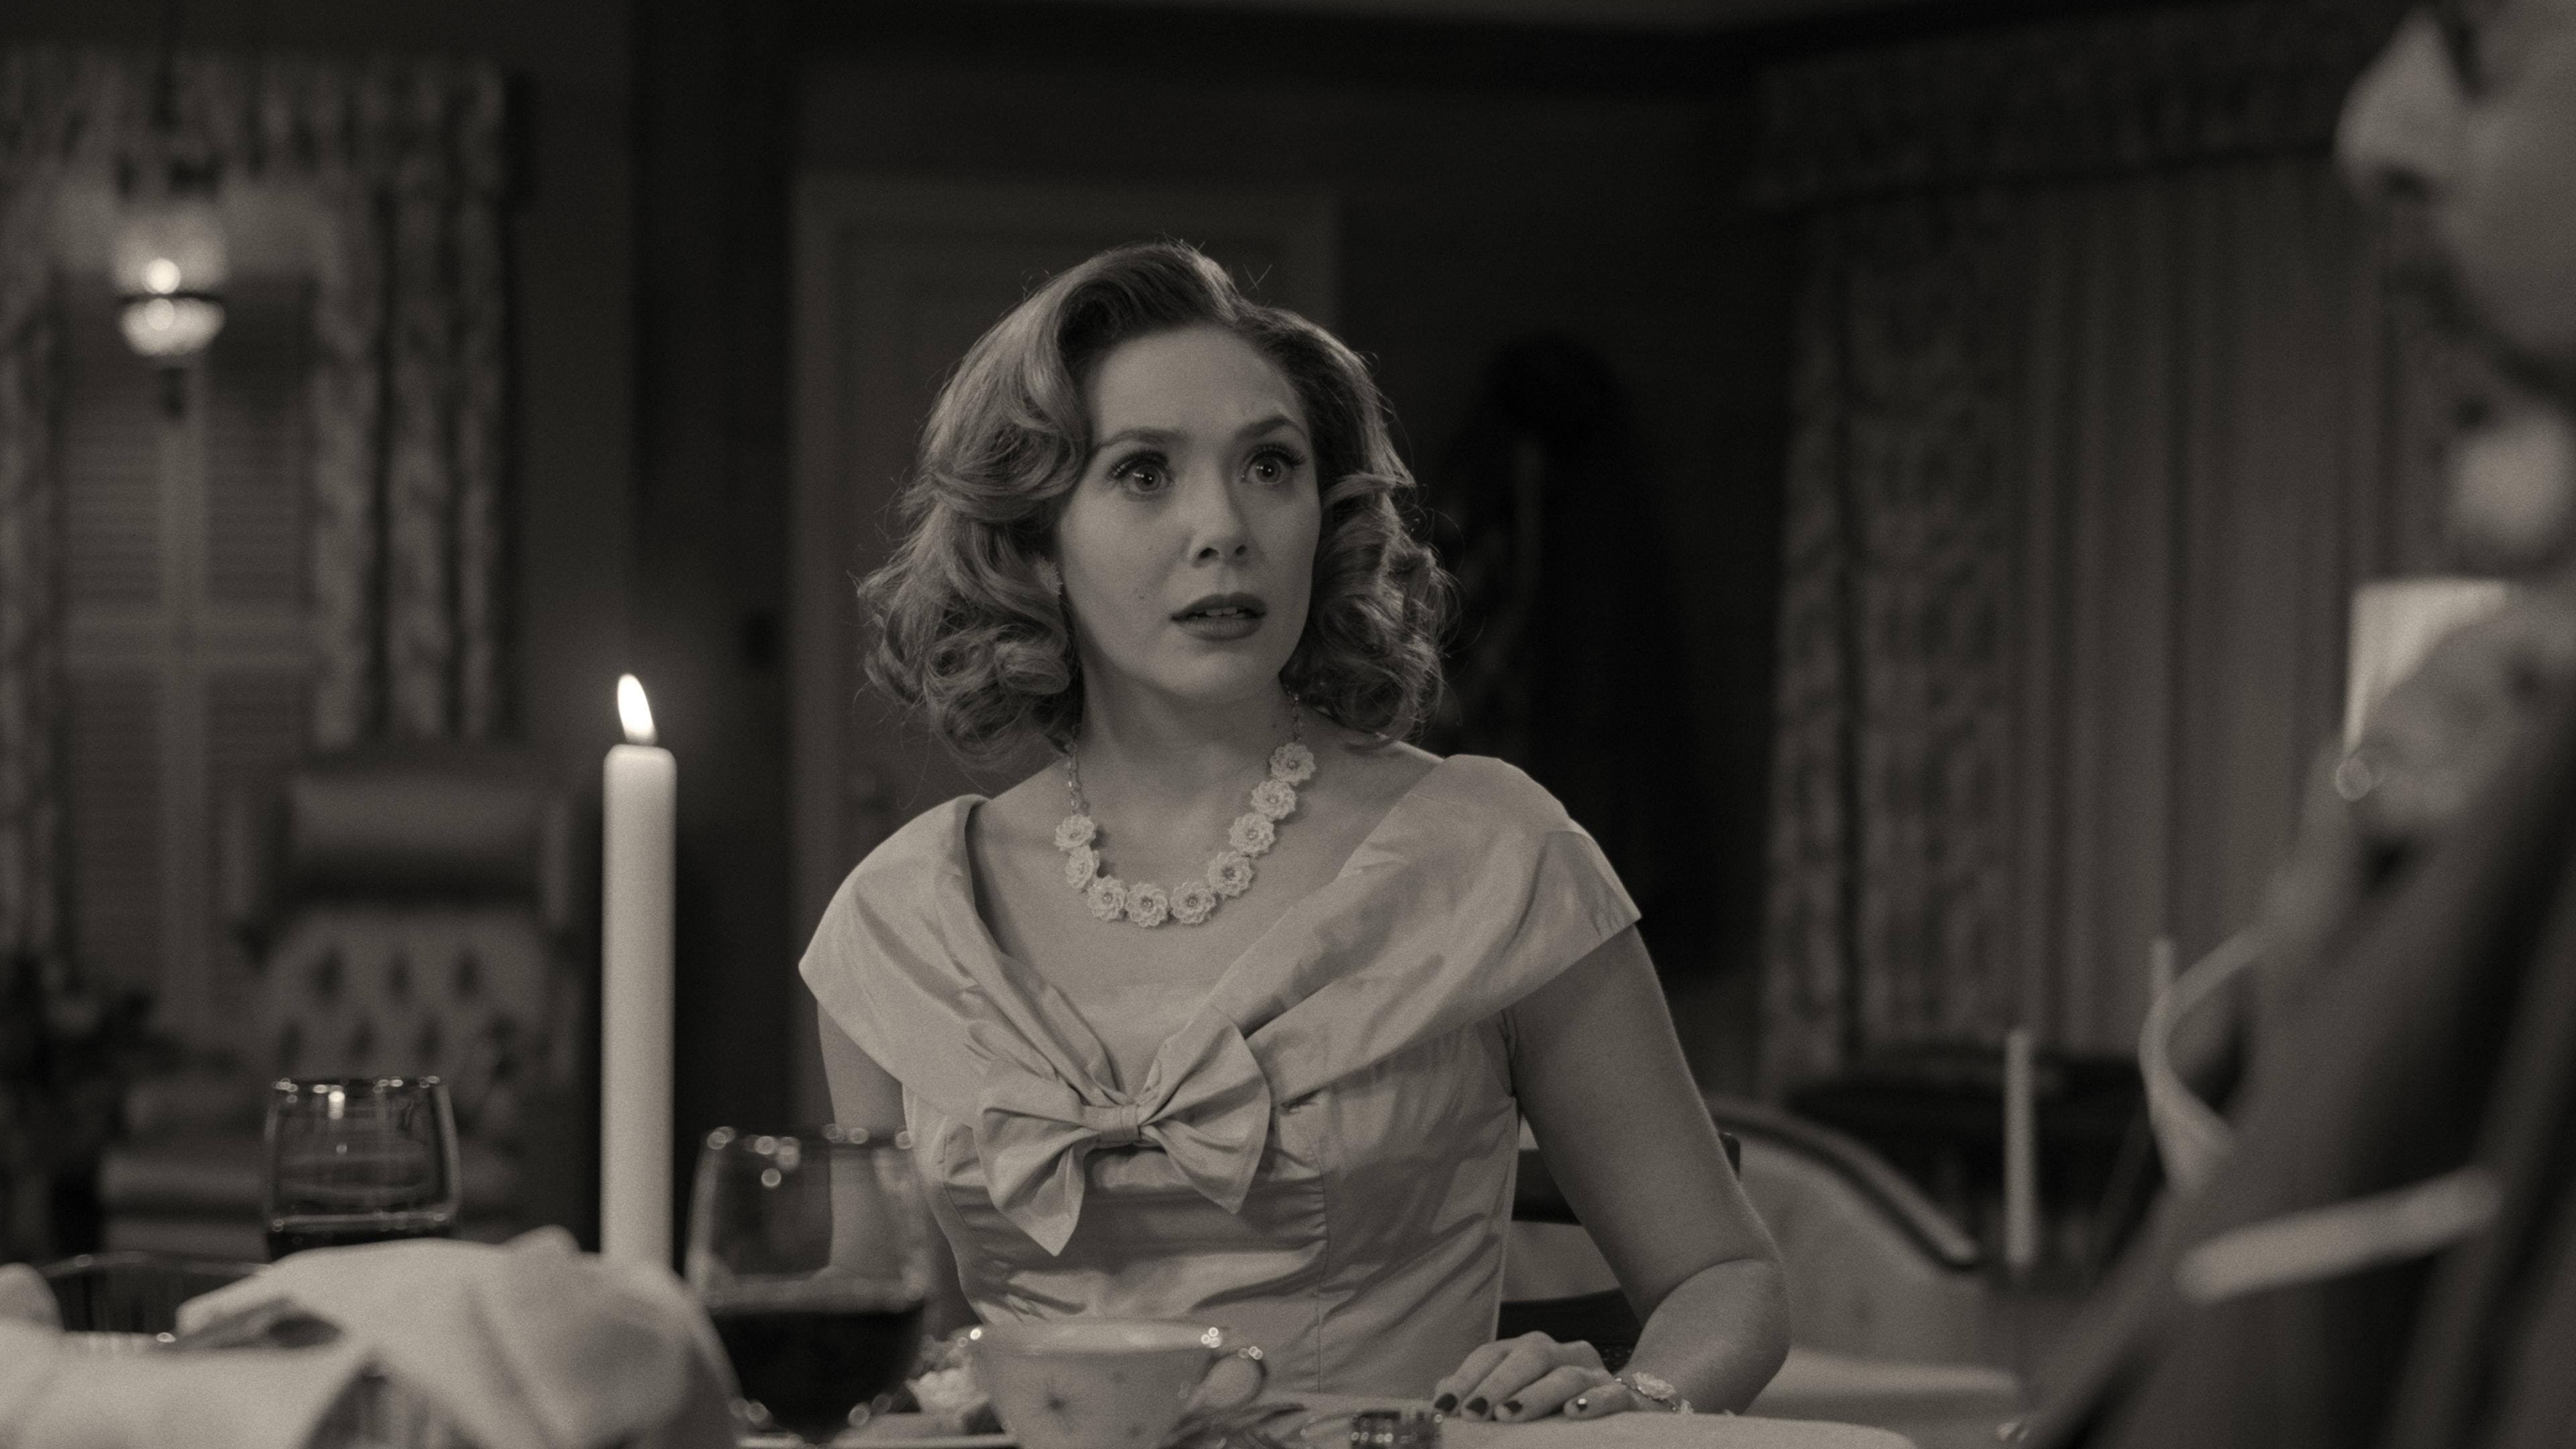 Wanda meghökken valamint a sorozat egyik jelenetében